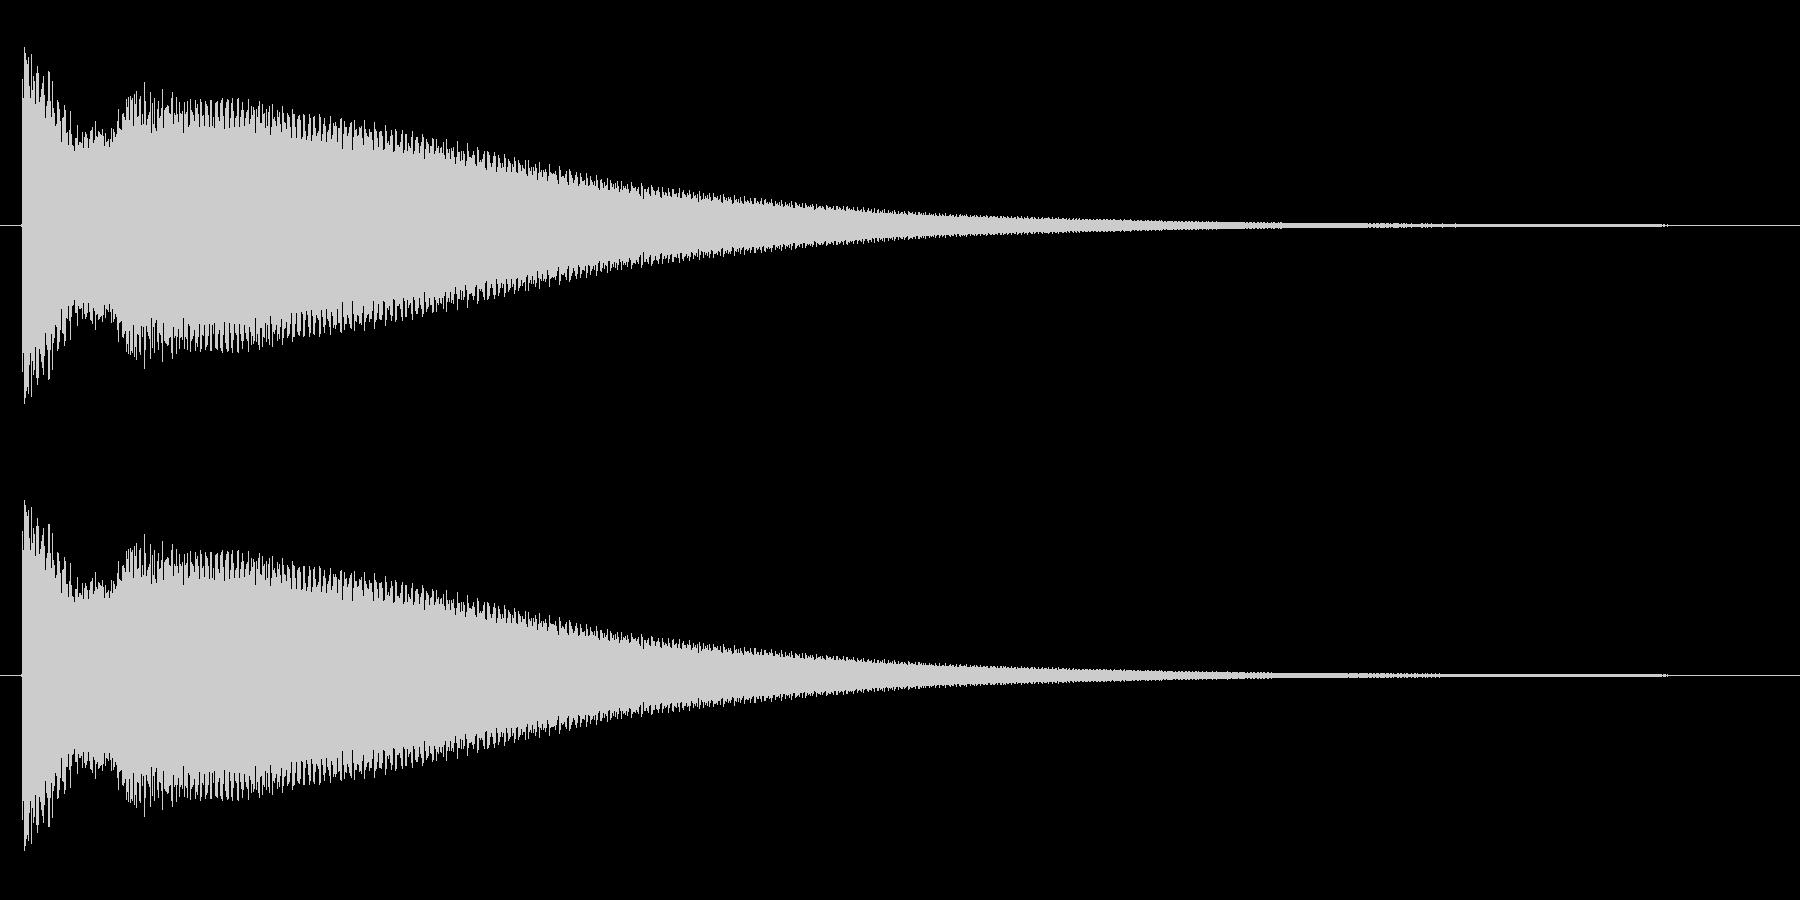 チ〜ン(高音の良く響くチャイム音)の未再生の波形